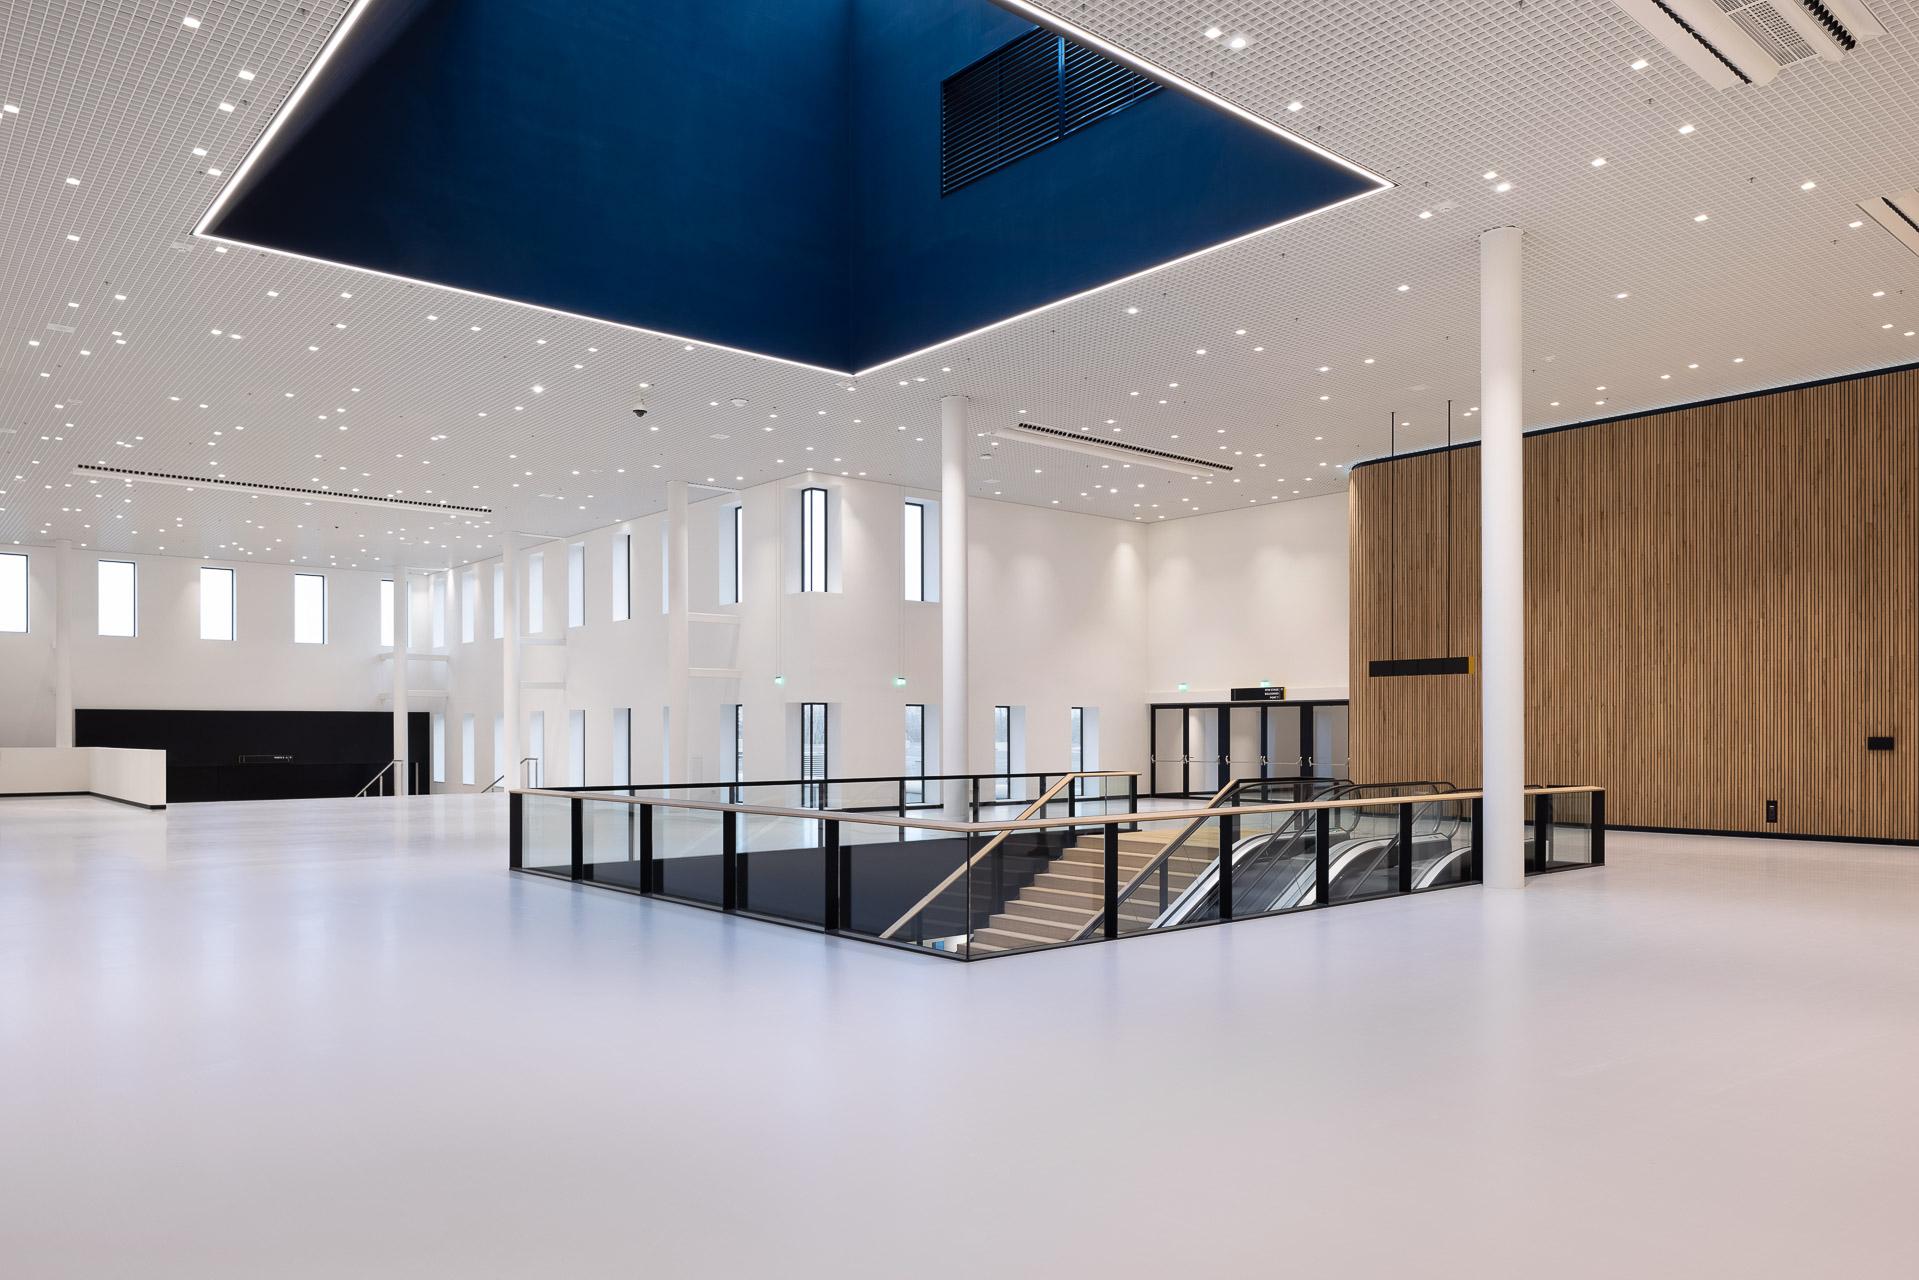 SP2020-Rotterdam-Ahoy-Convention-Centre-Interieur-9-Architectuur-fotografie